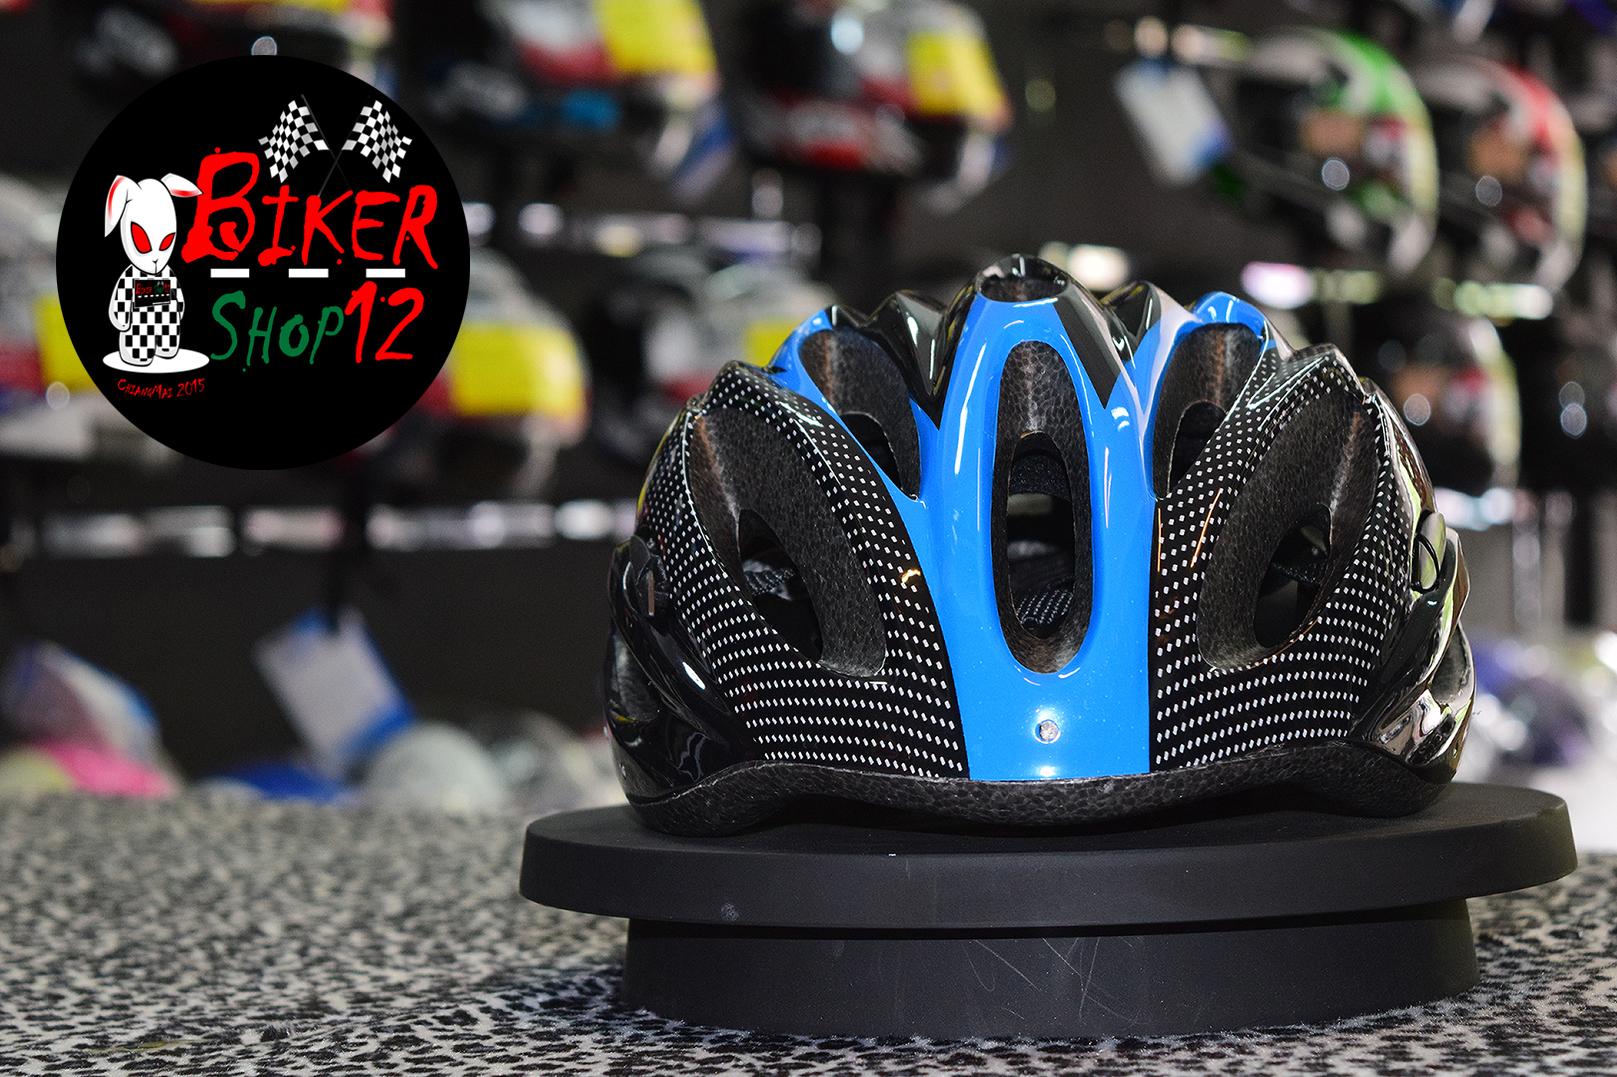 หมวกกันน็อค จักรยาน สีน้ำเงิน-ดำ